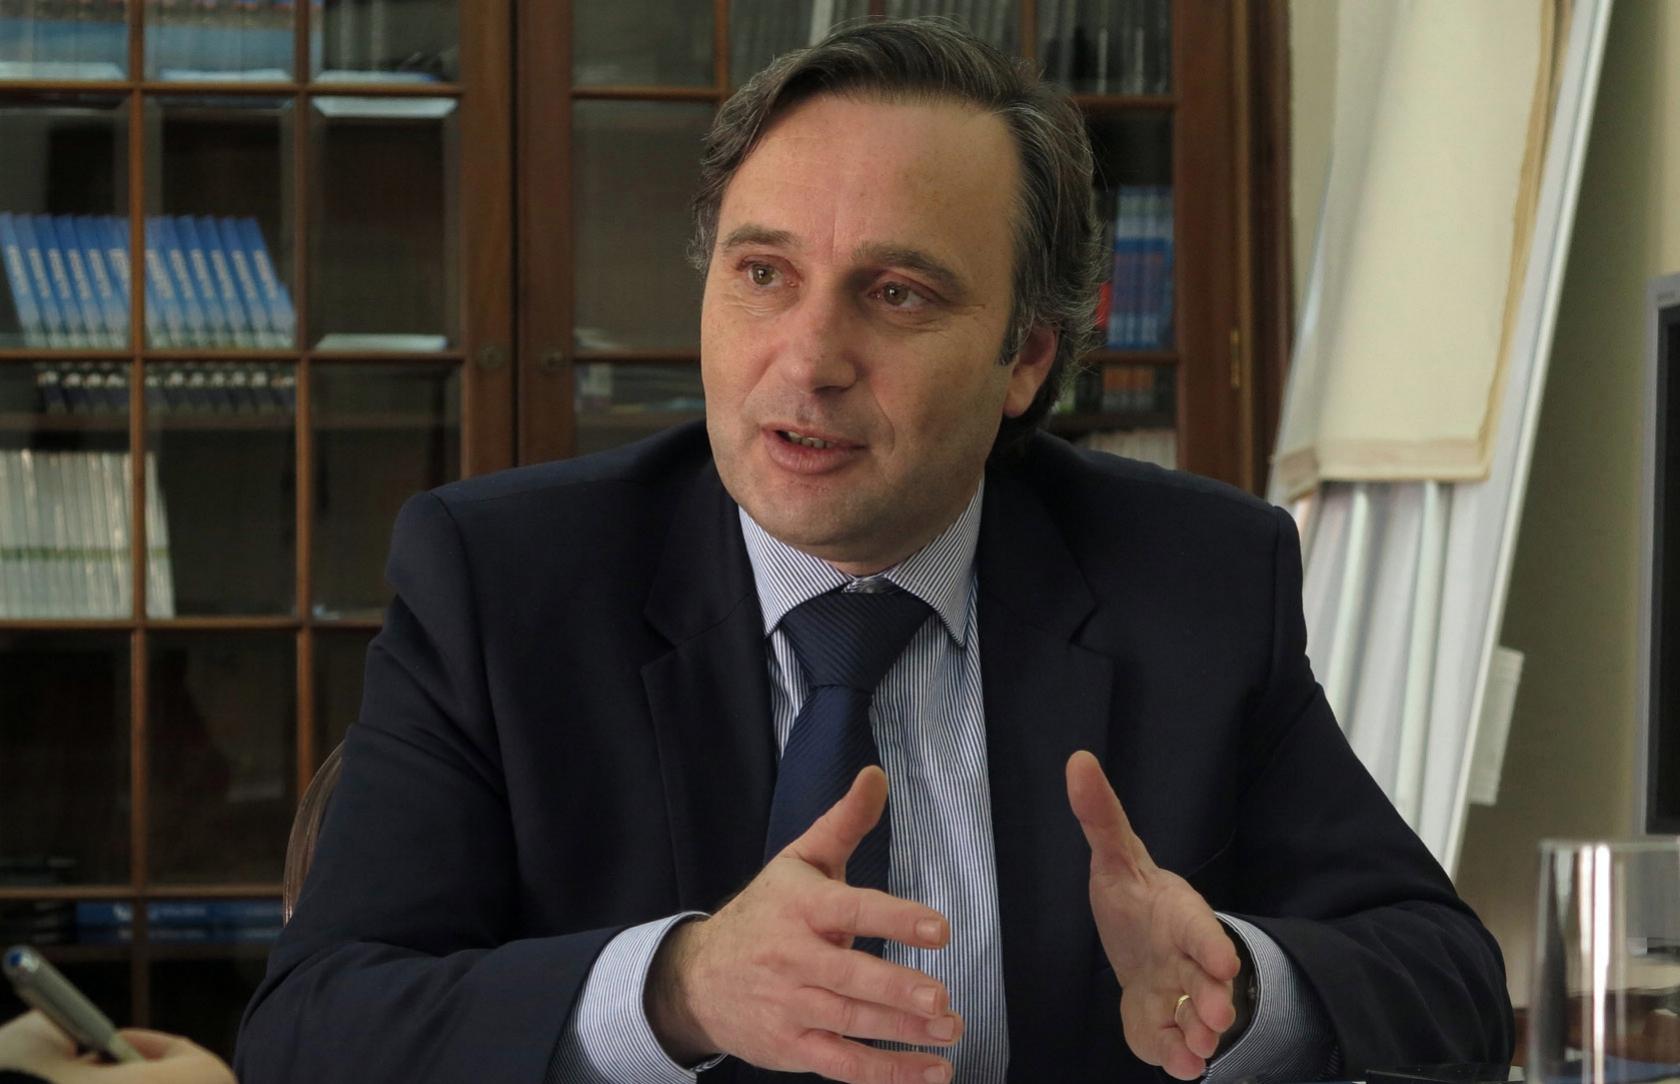 Consolidação dos mercados emissores no turismo e melhoramentos nas infraestruturas de transportes são prioridades para 2016, afirma Vítor Fraga